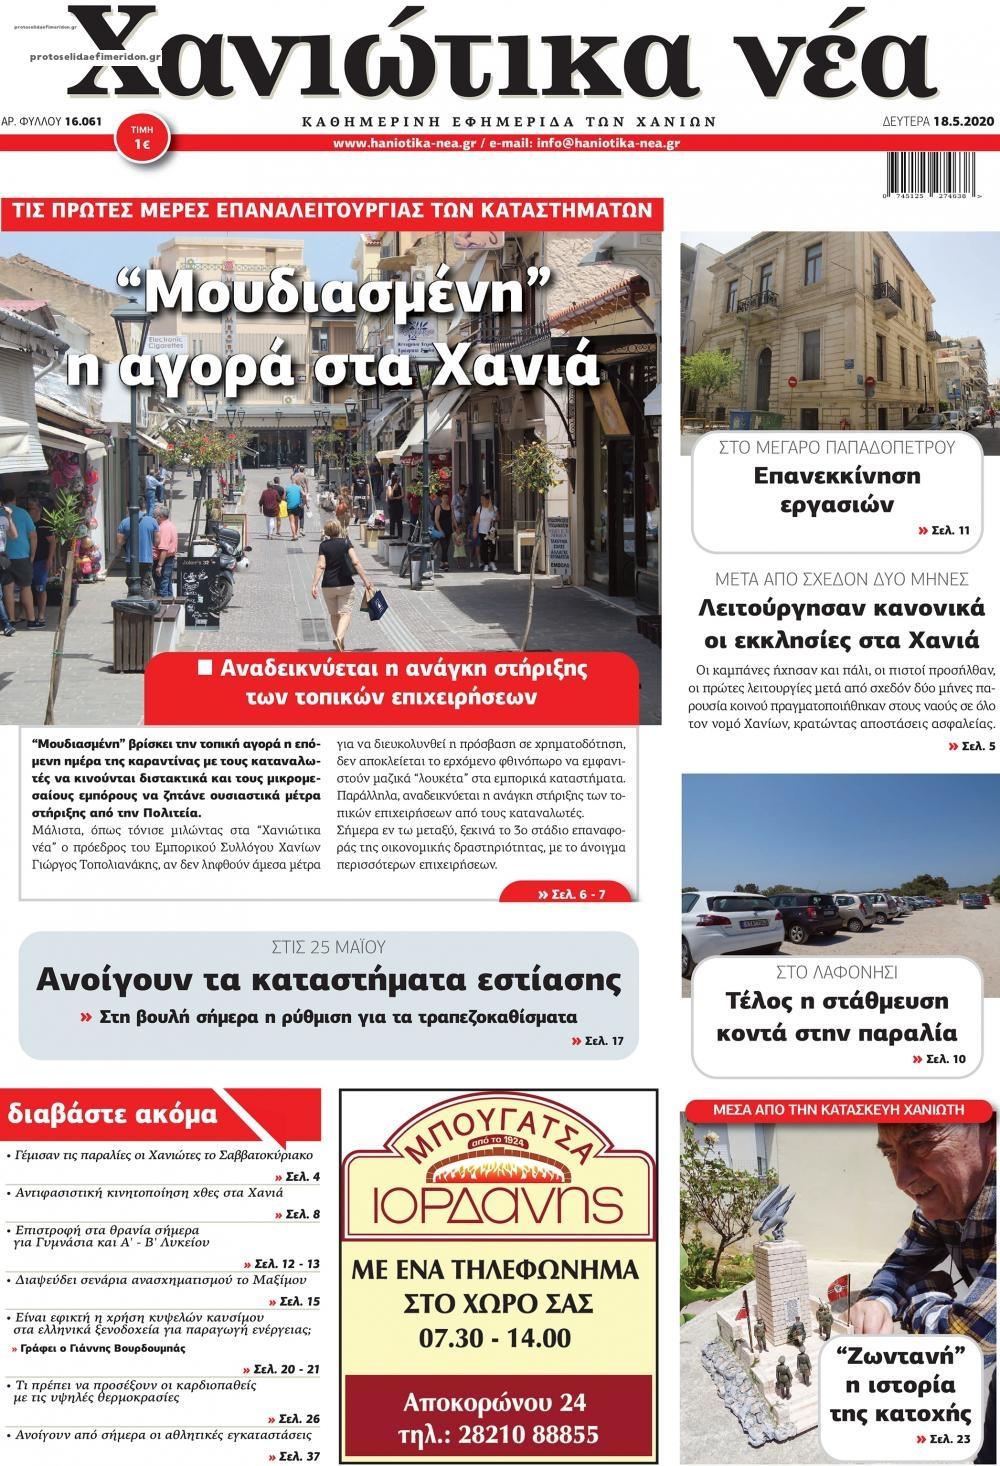 Πρωτοσέλιδο εφημερίδας Χανιώτικα Νέα